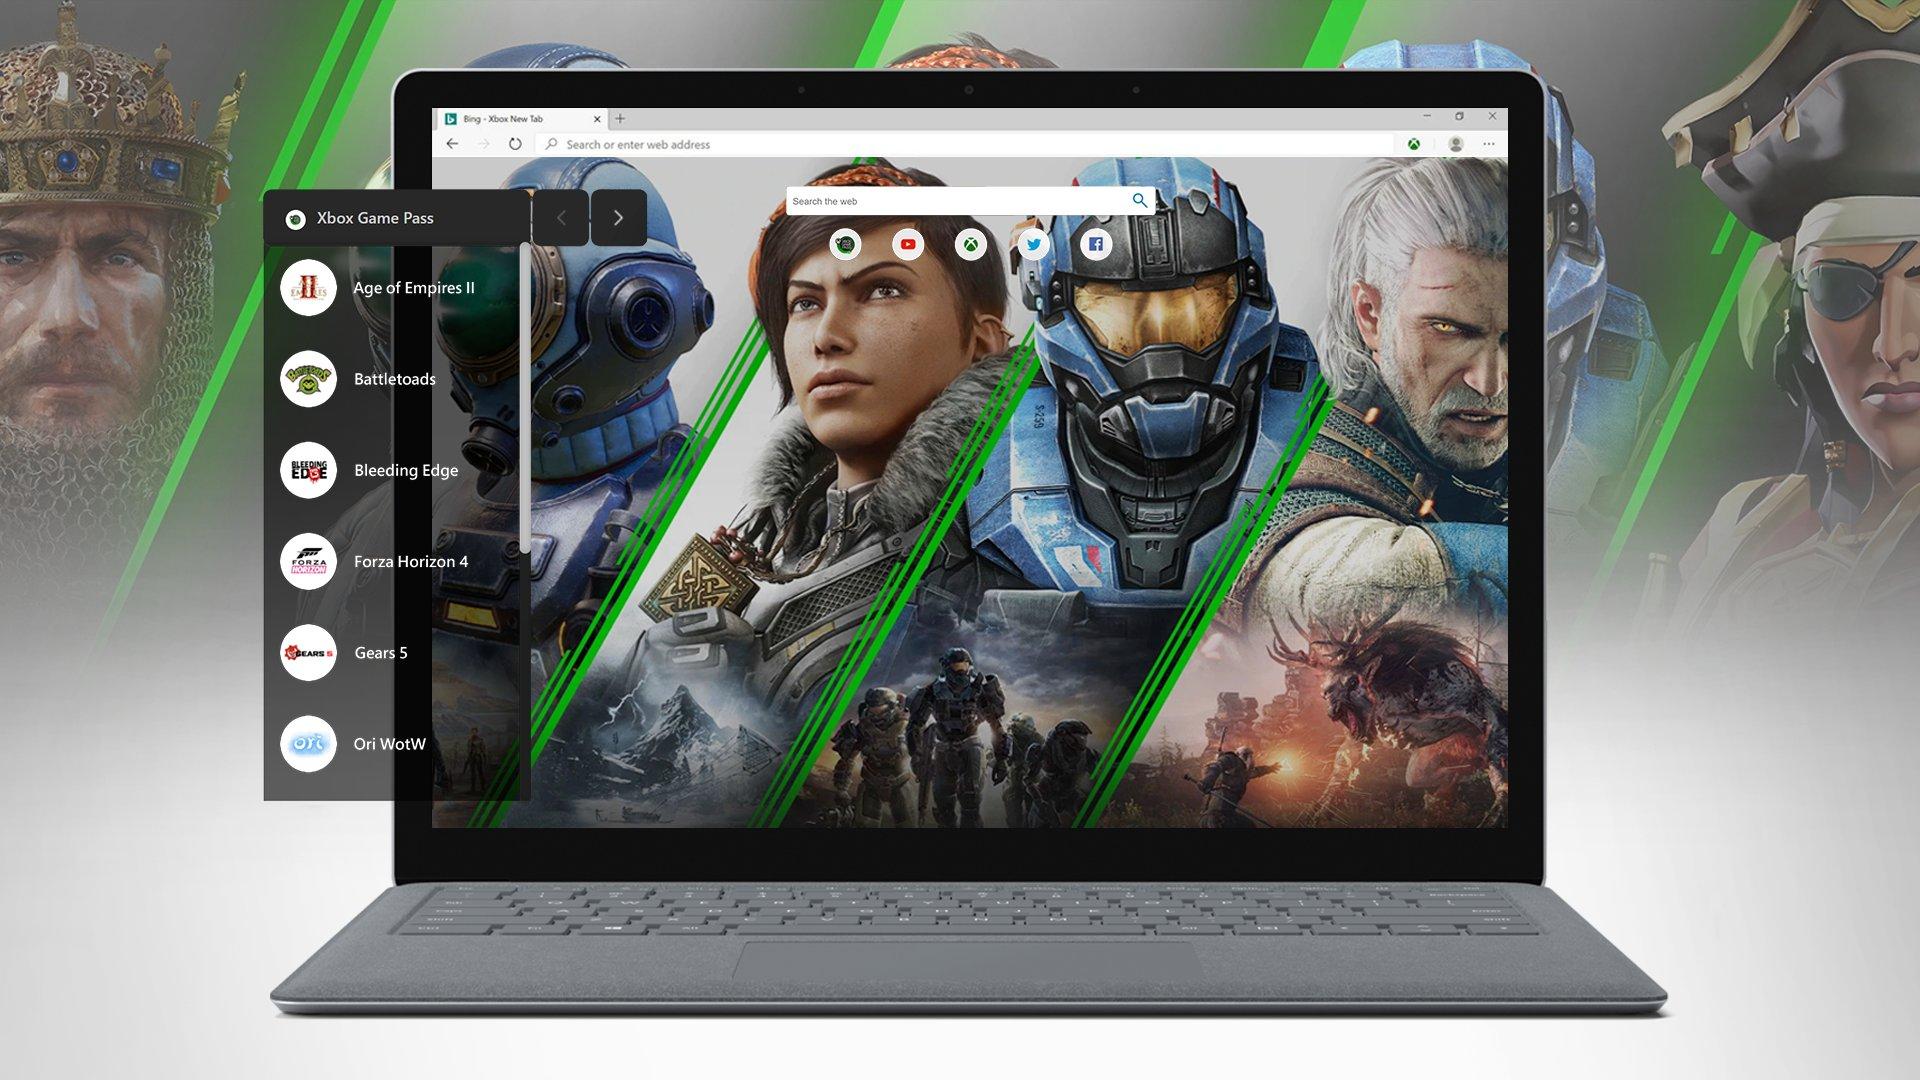 Laptop con Xbox Game Pass PC abierto, se ve la barra de ayuda y algunos personajes de juegos disponibles en el servicio de fondo.